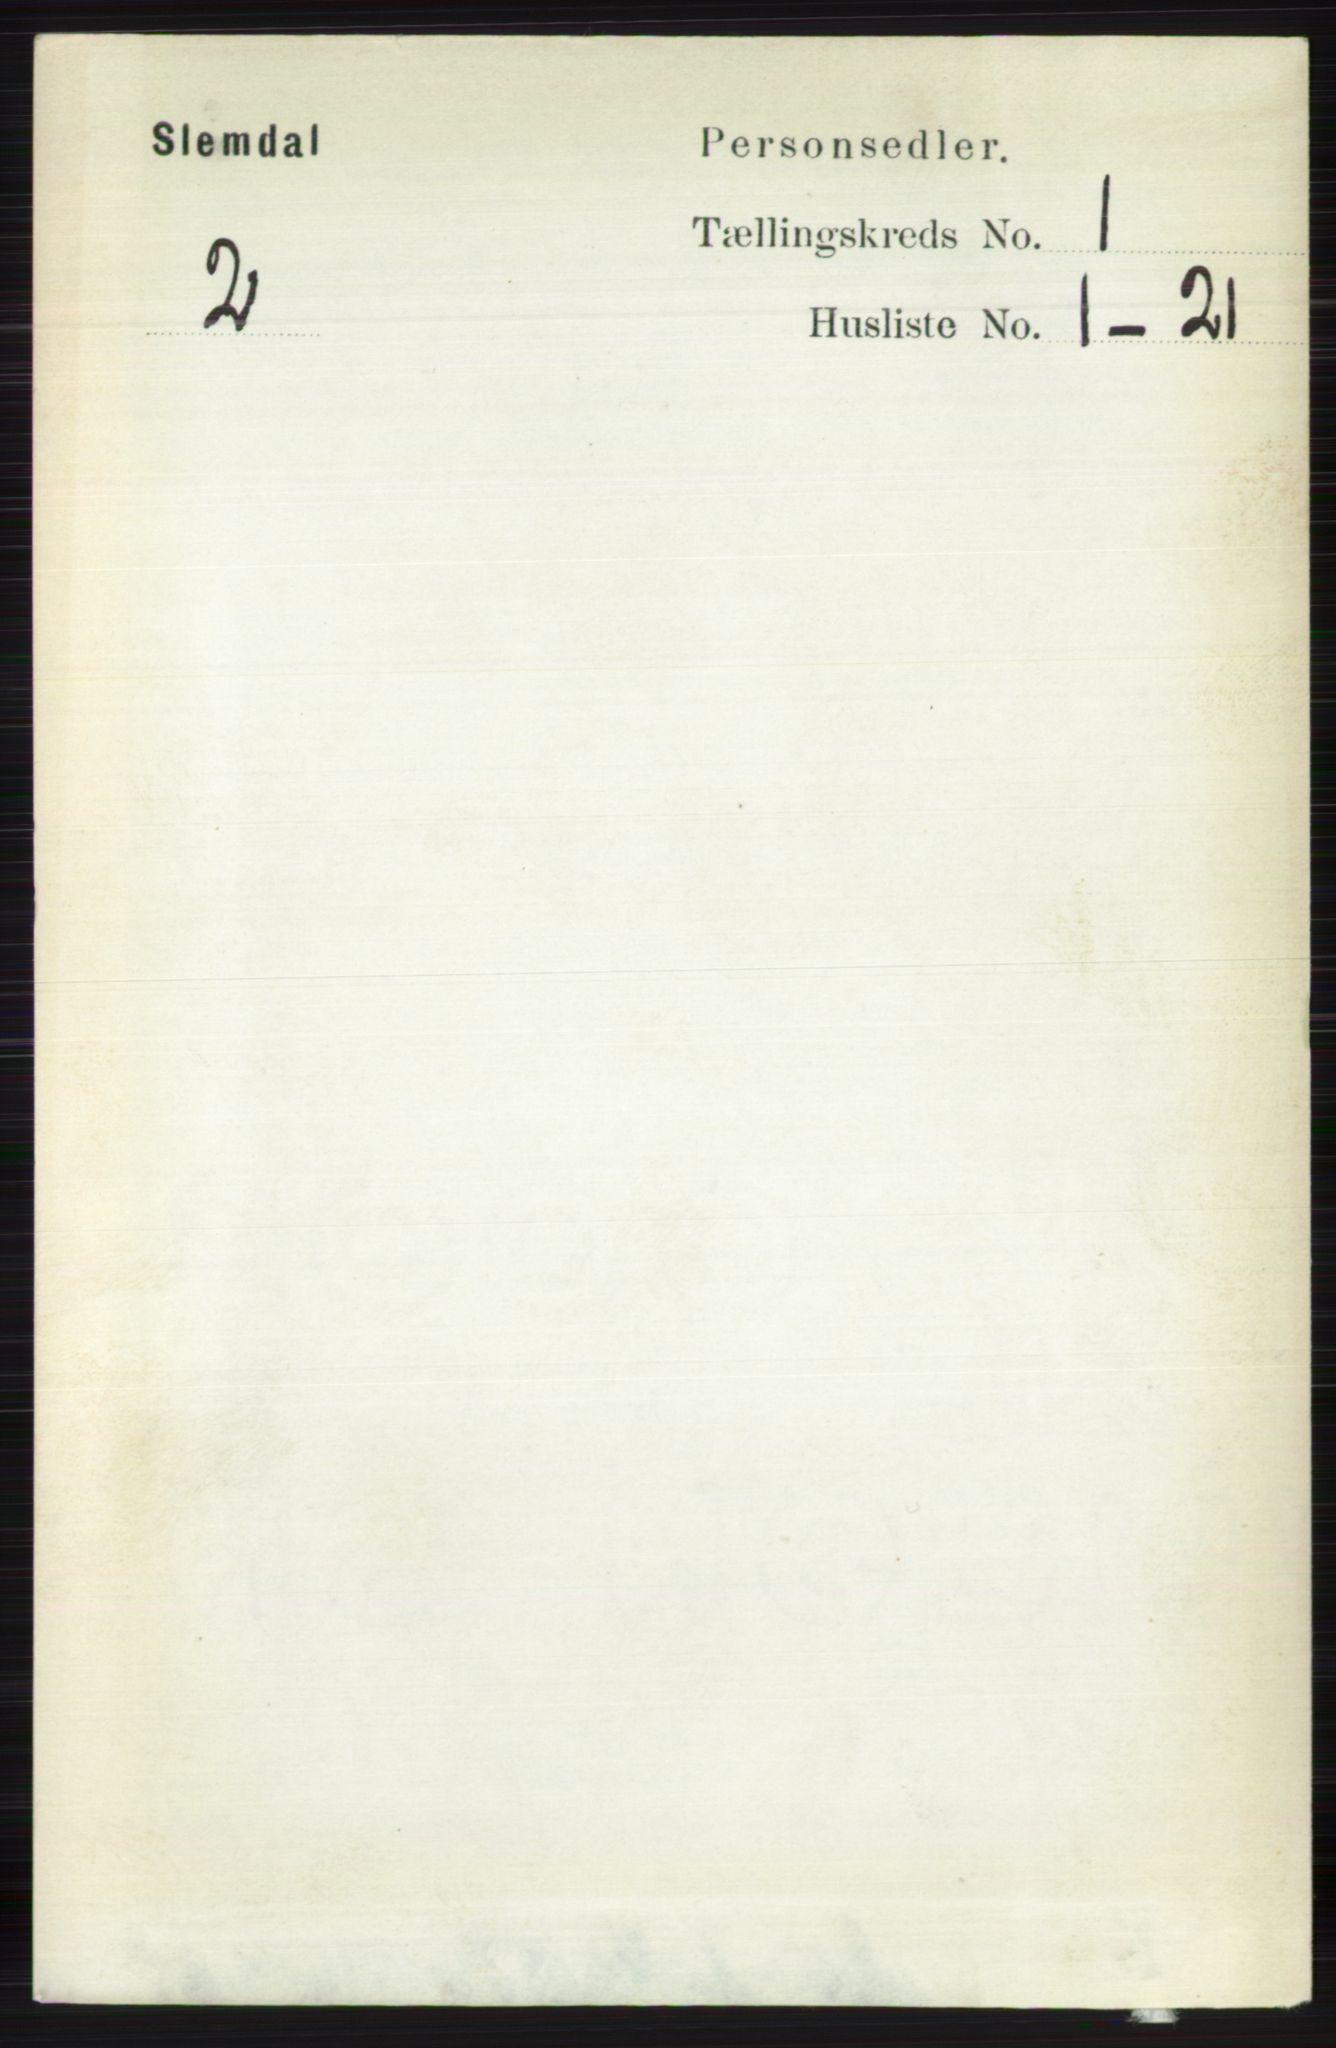 RA, Folketelling 1891 for 0811 Slemdal herred, 1891, s. 55